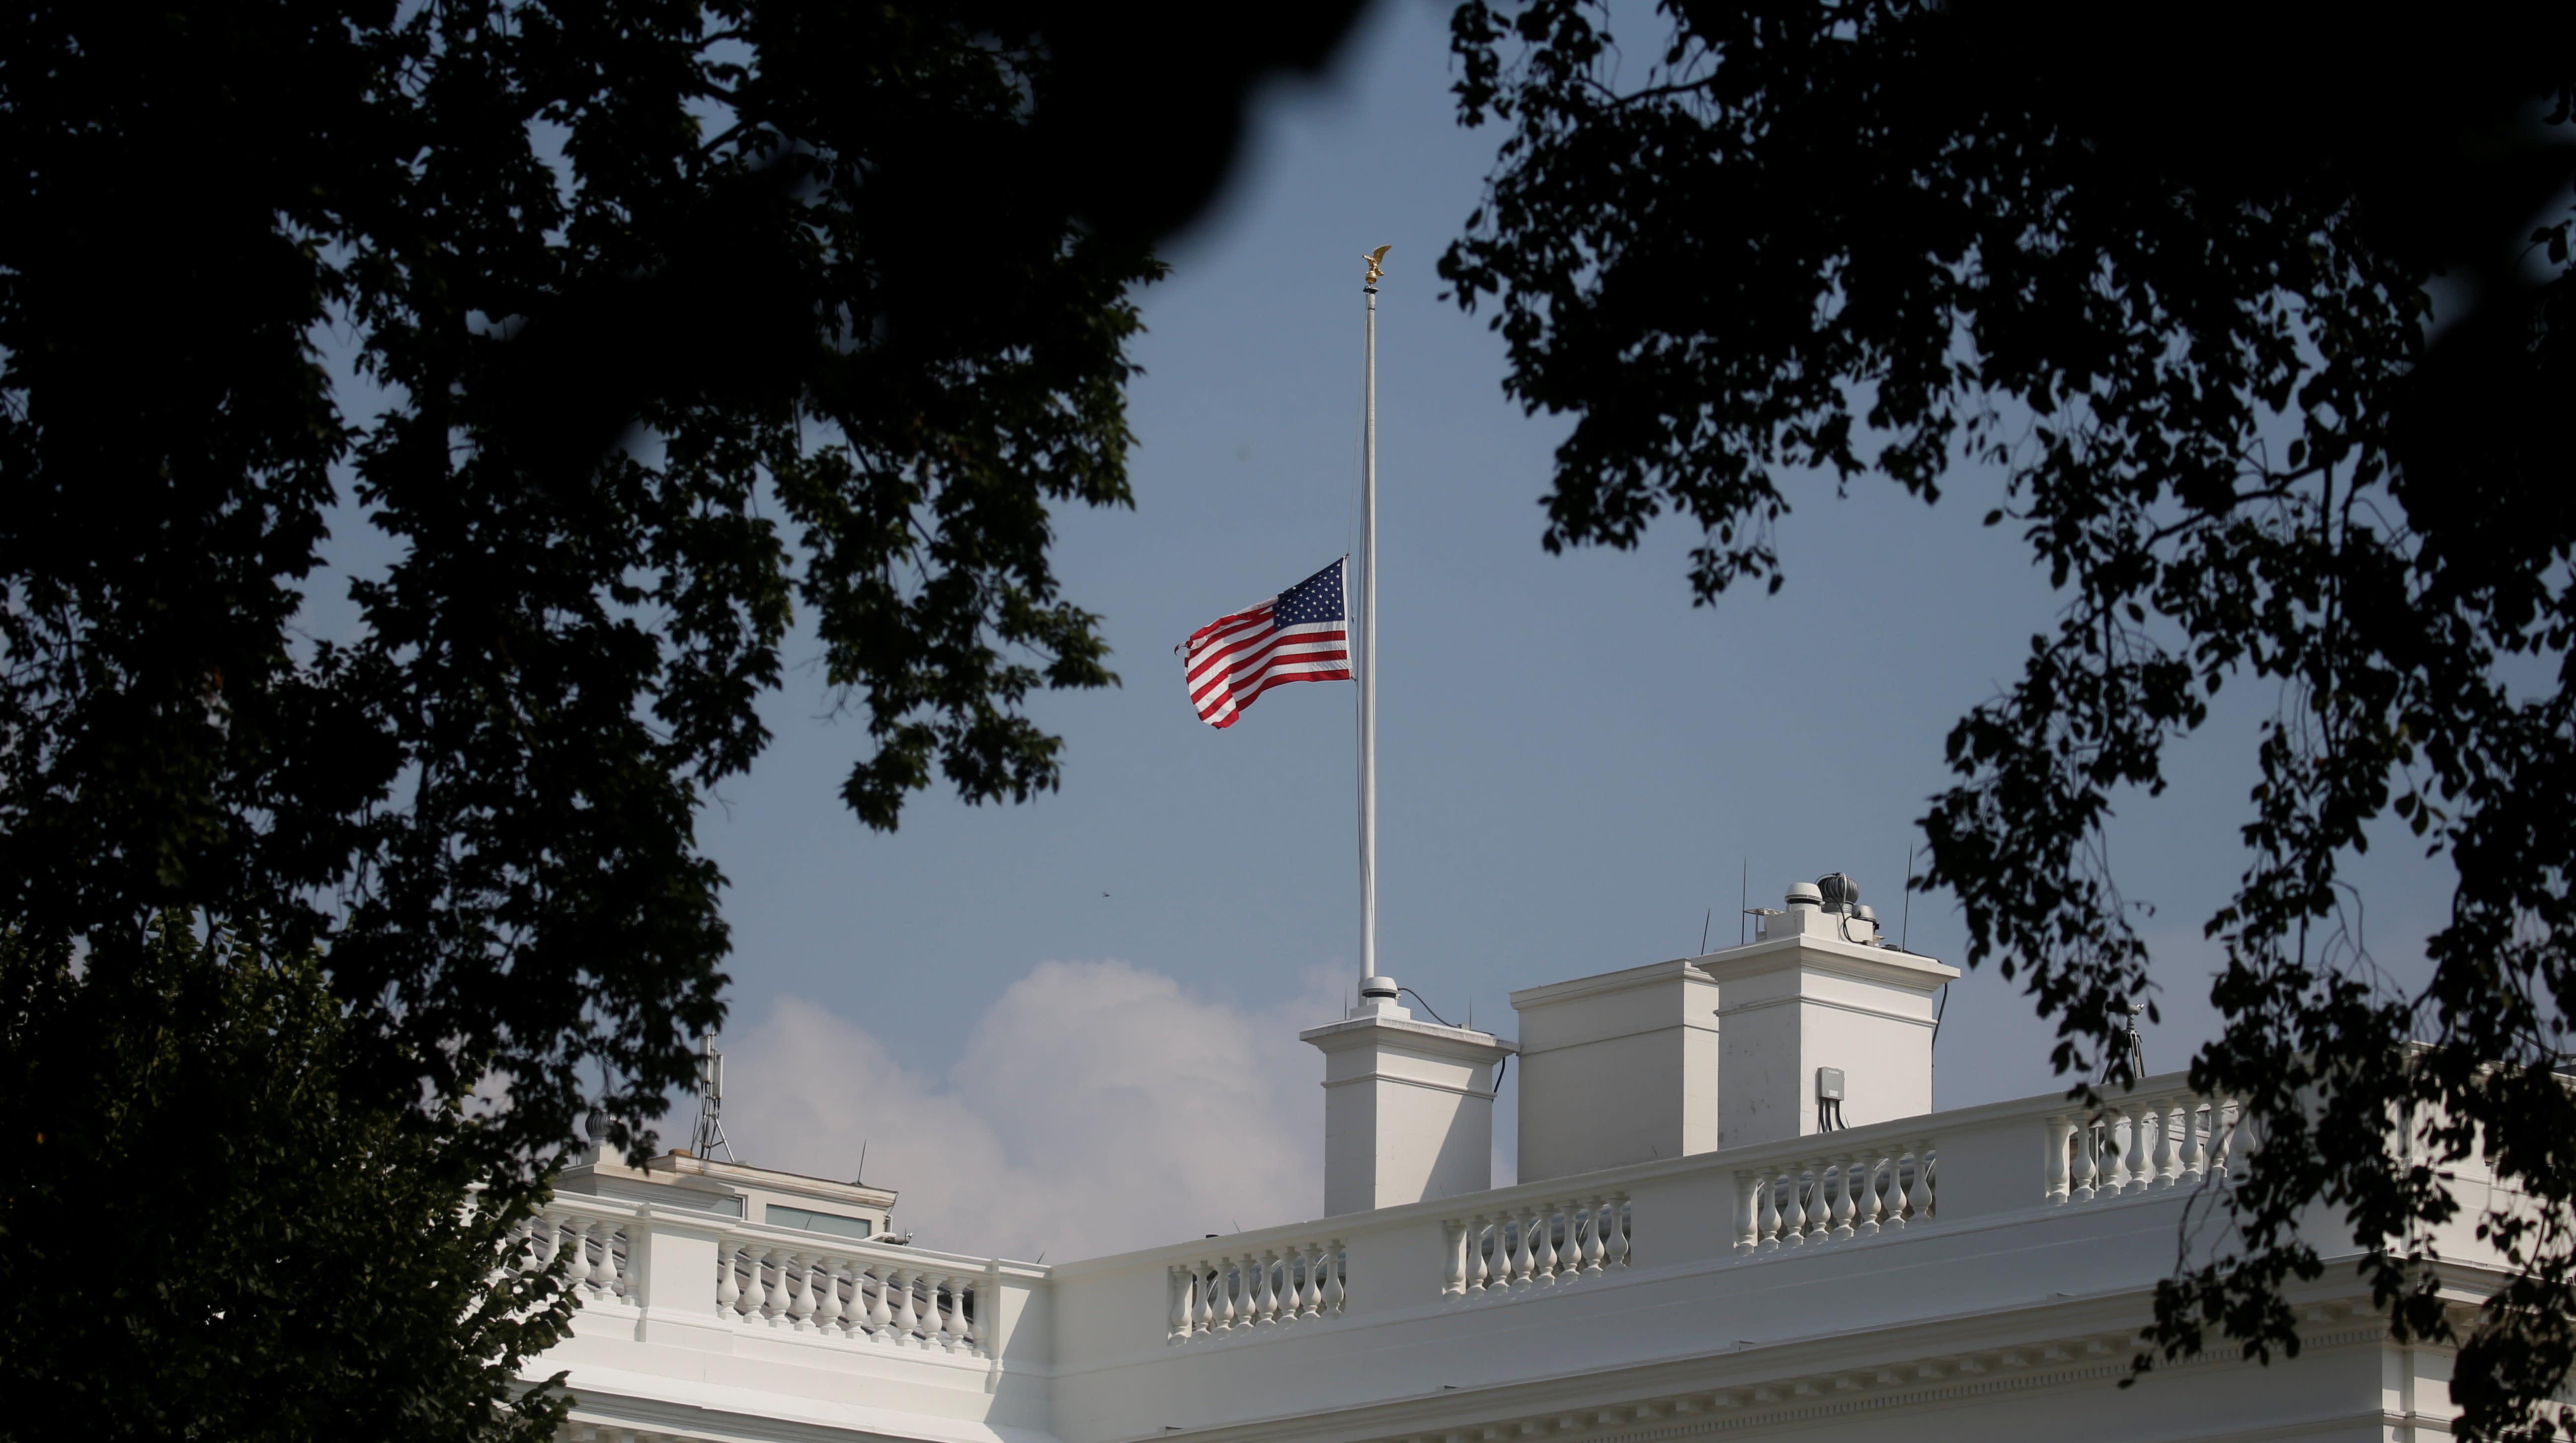 John McCain Is 'Partially To Blame' For White House Flag Drama, GOP Senator Says